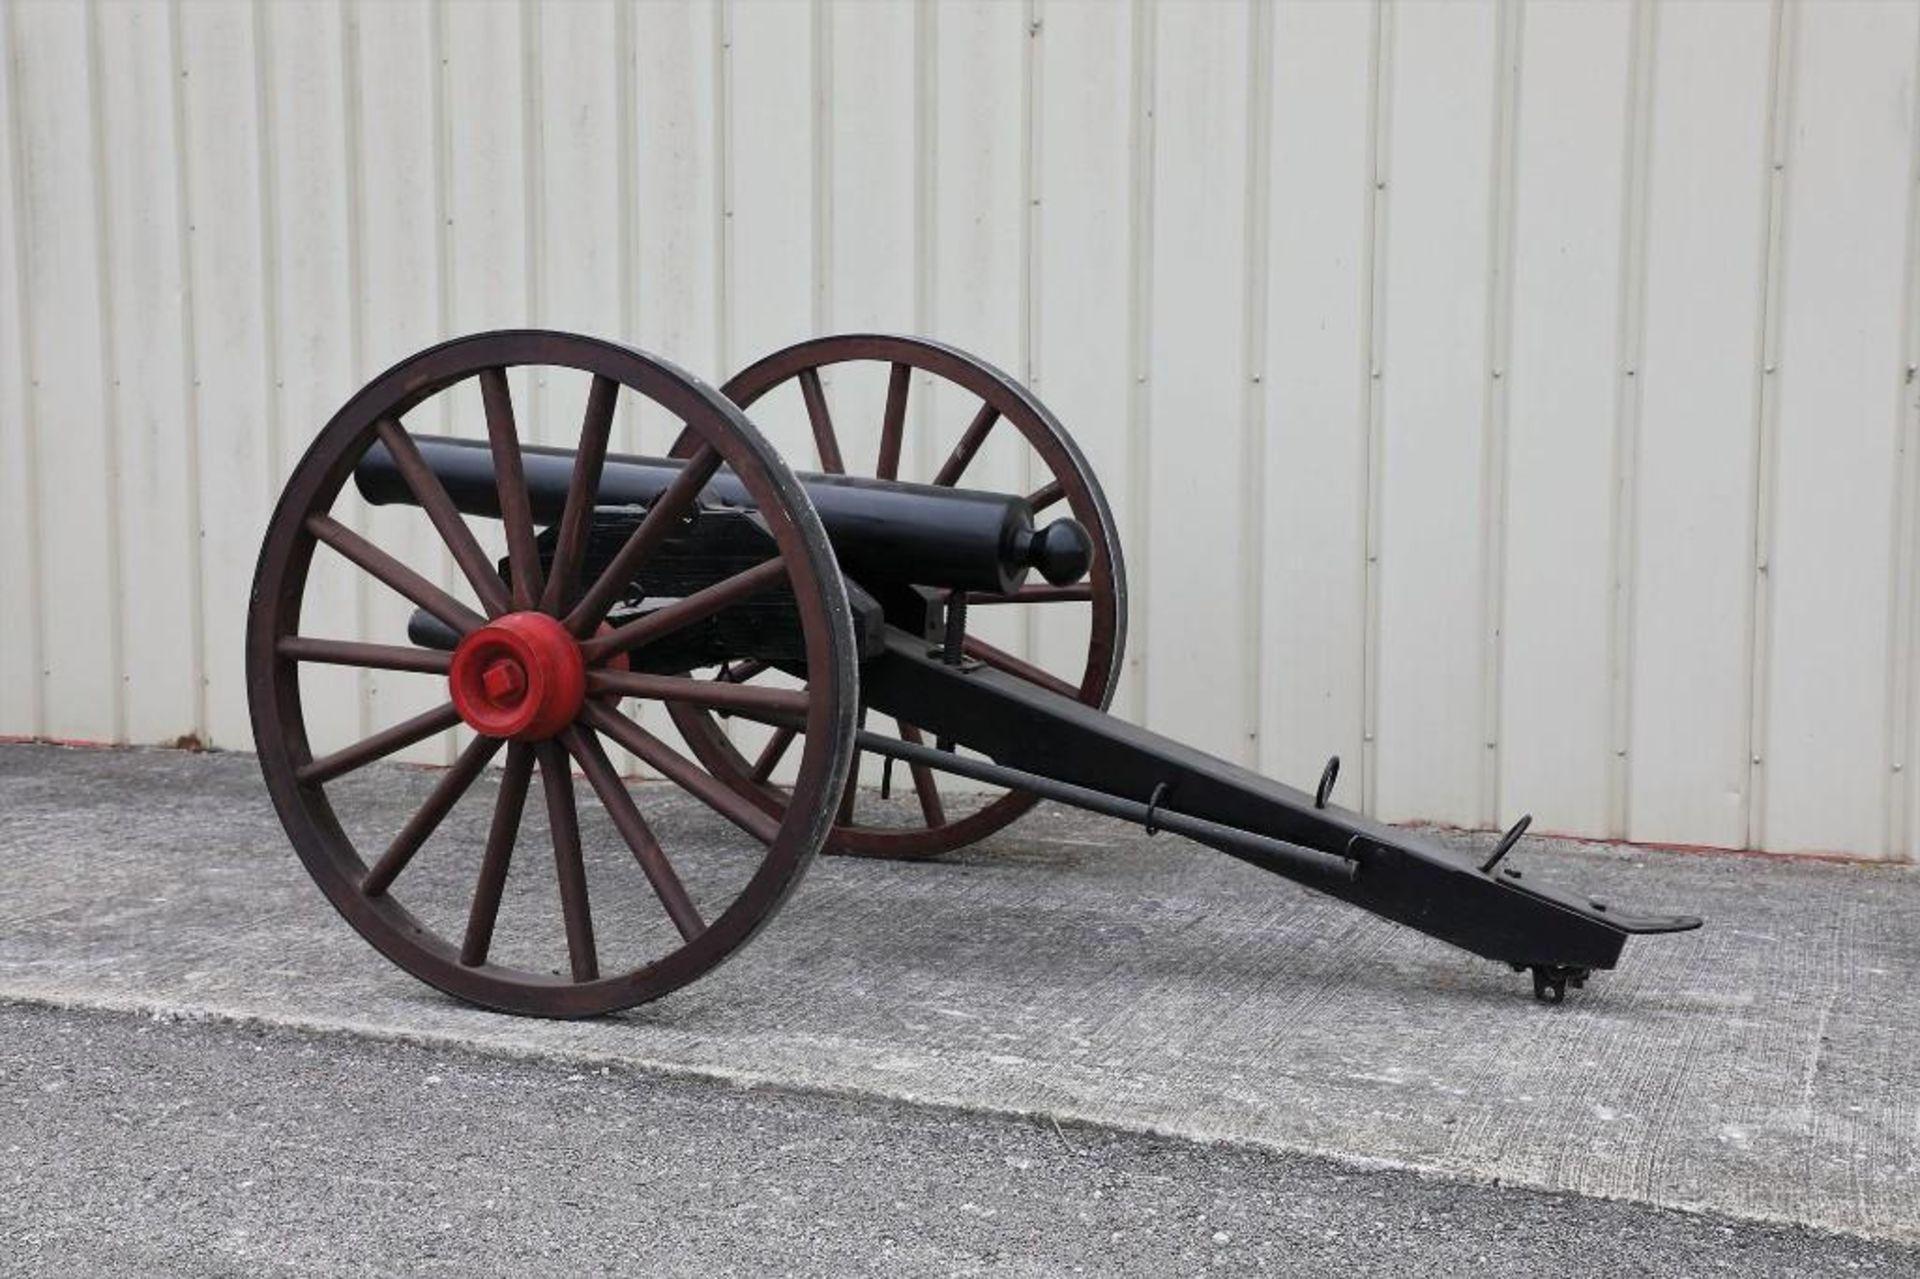 Replica Cannon - Image 3 of 3